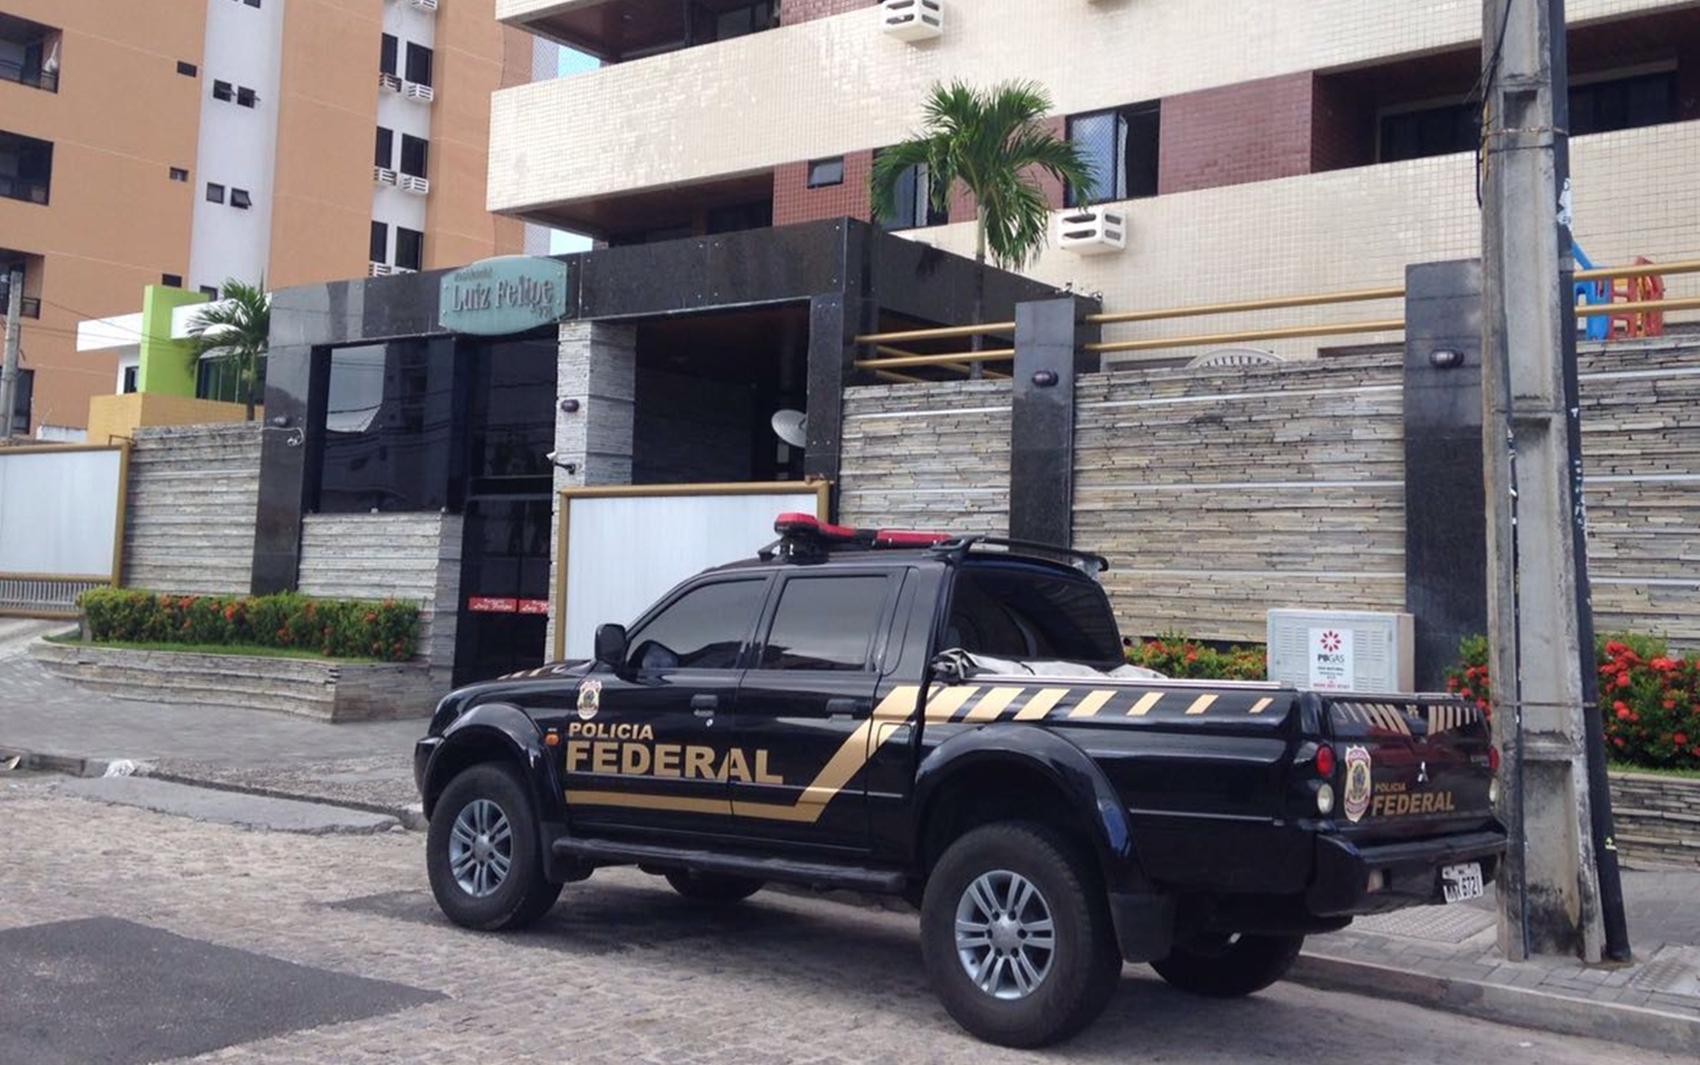 Equipe da Polícia Federal cumpriu mandado em residencial no bairro de Manaíra, em João Pessoa (Foto: Walter Paparazzo)